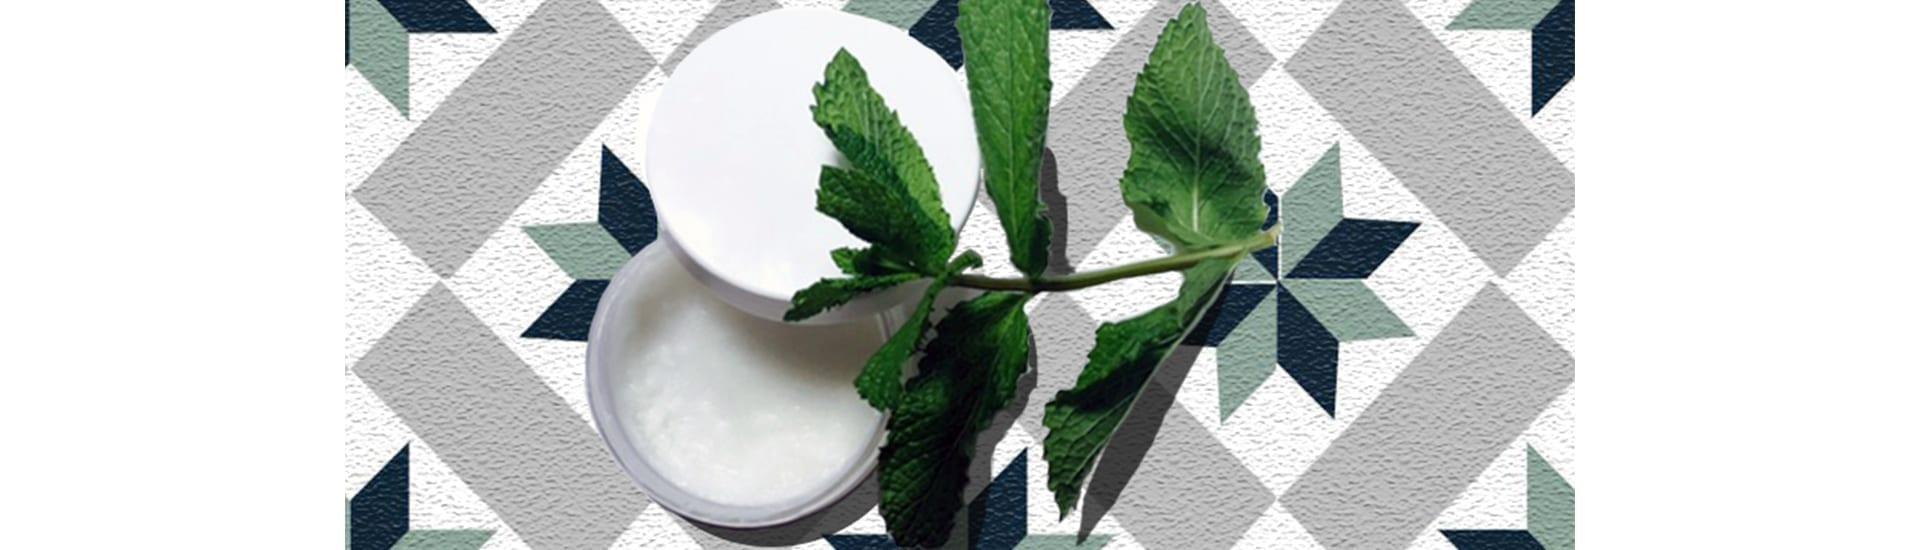 Déodorant écolo huile de coco / bicarbonate de soude